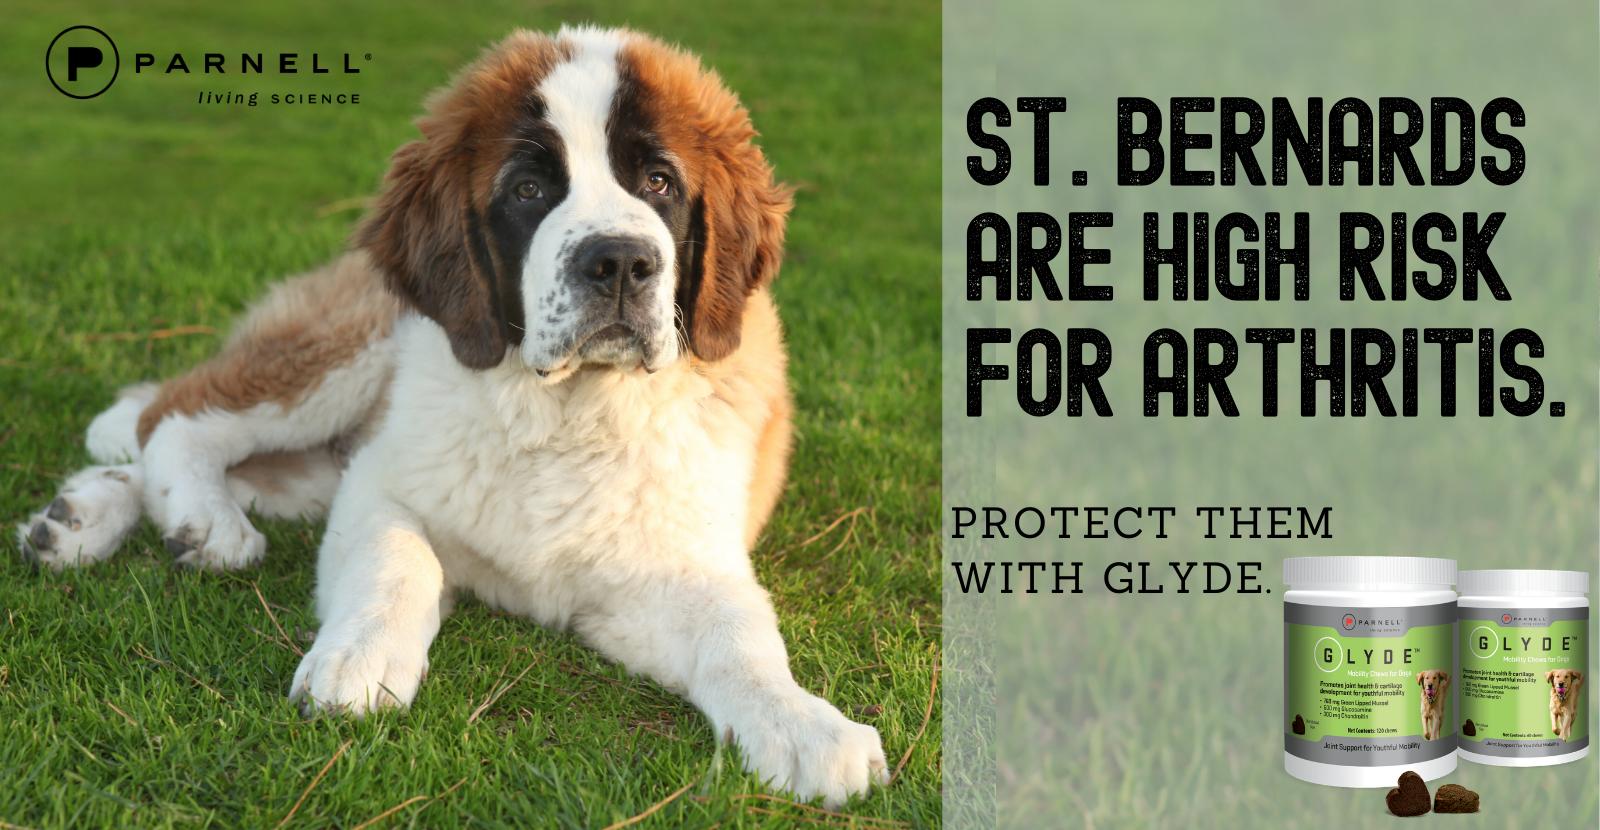 St Bernards are high risk for arthritis